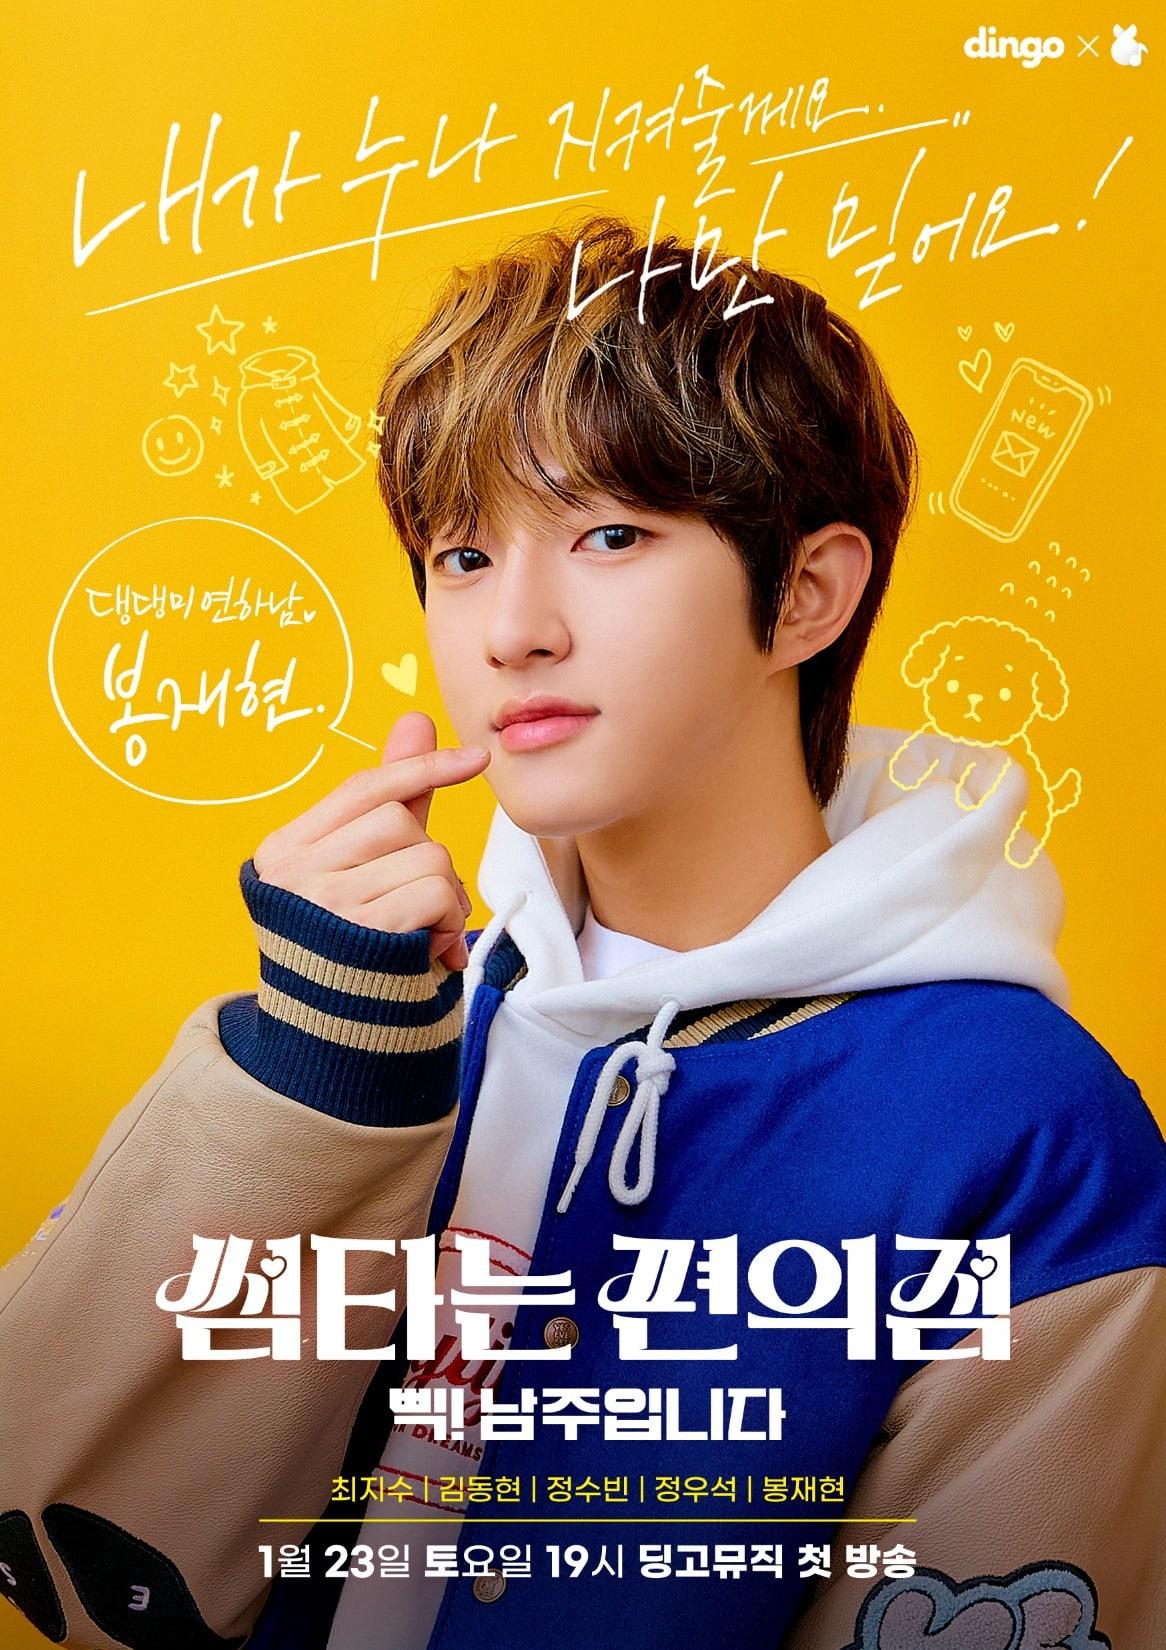 golden-child-jaehyun (1)